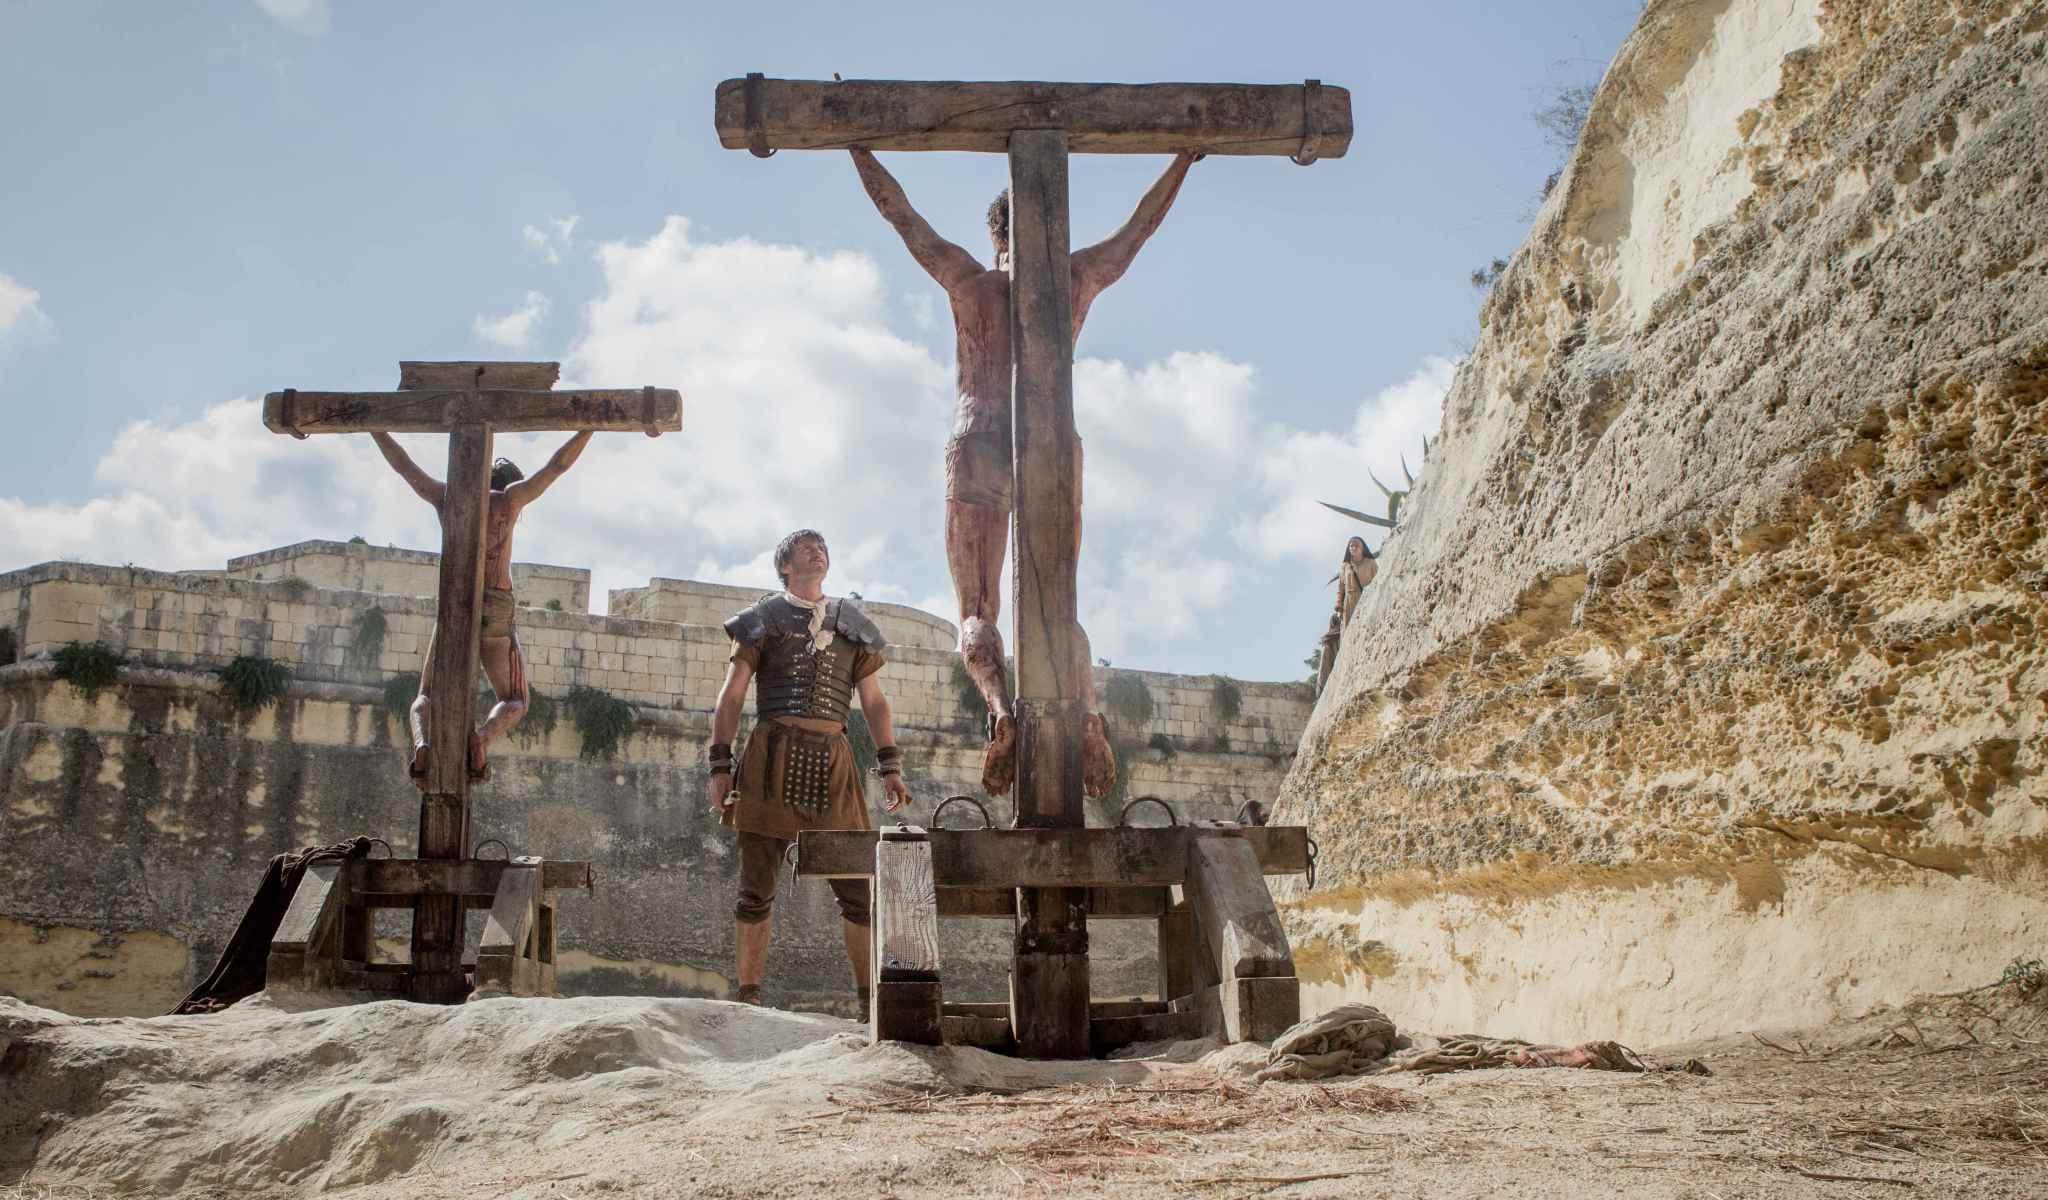 Jesus crucificado con otros convictos,  en RISEN, de Columbia Pictures, próximo estreno 19 febrero 2016.